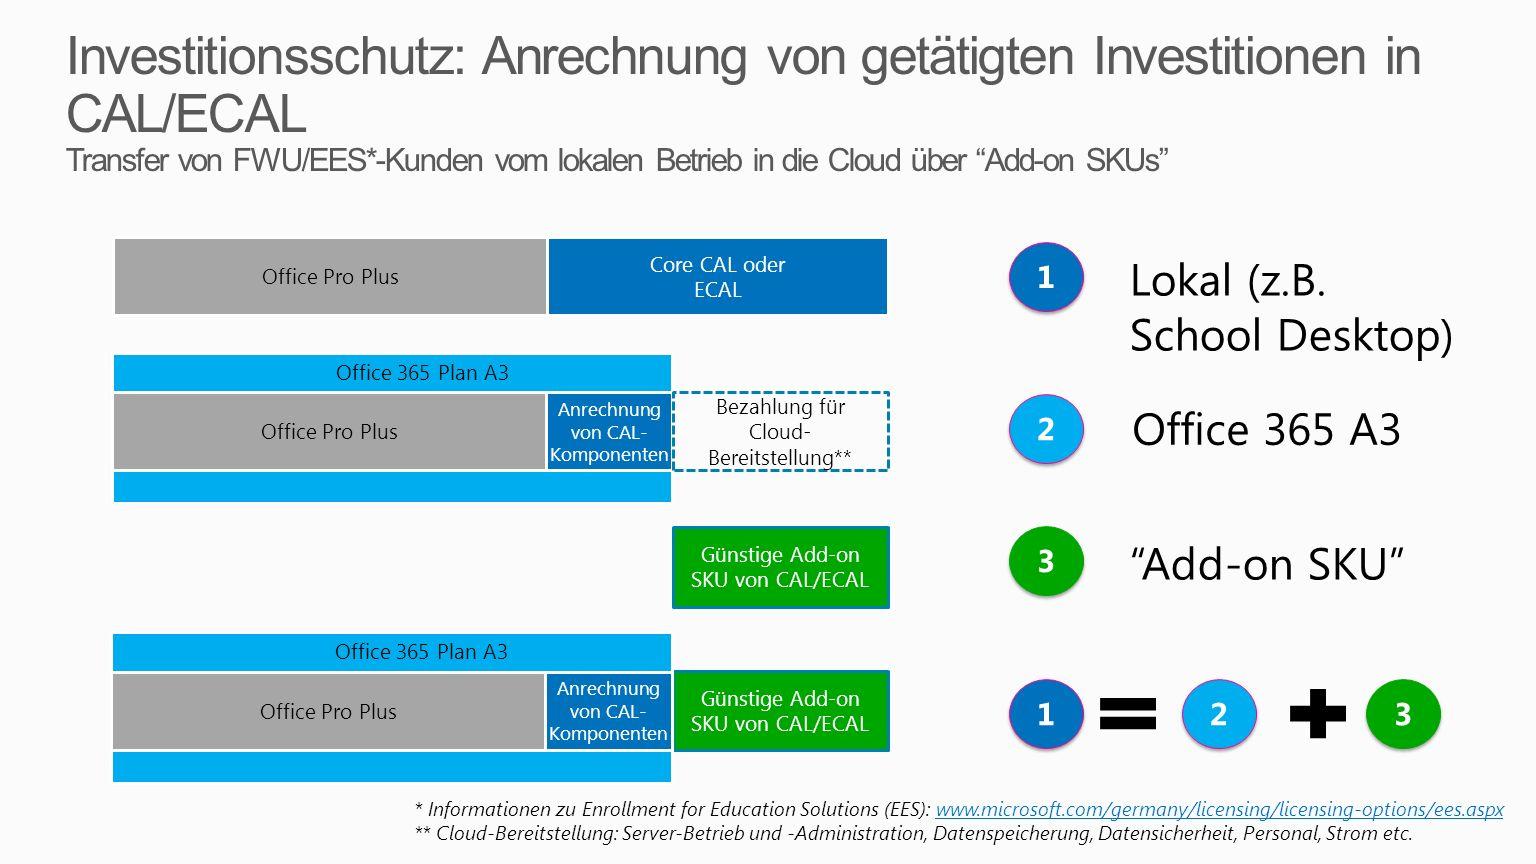 Office Pro Plus Core CAL oder ECAL Office Pro Plus Anrechnung von CAL- Komponenten Günstige Add-on SKU von CAL/ECAL Bezahlung für Cloud- Bereitstellun